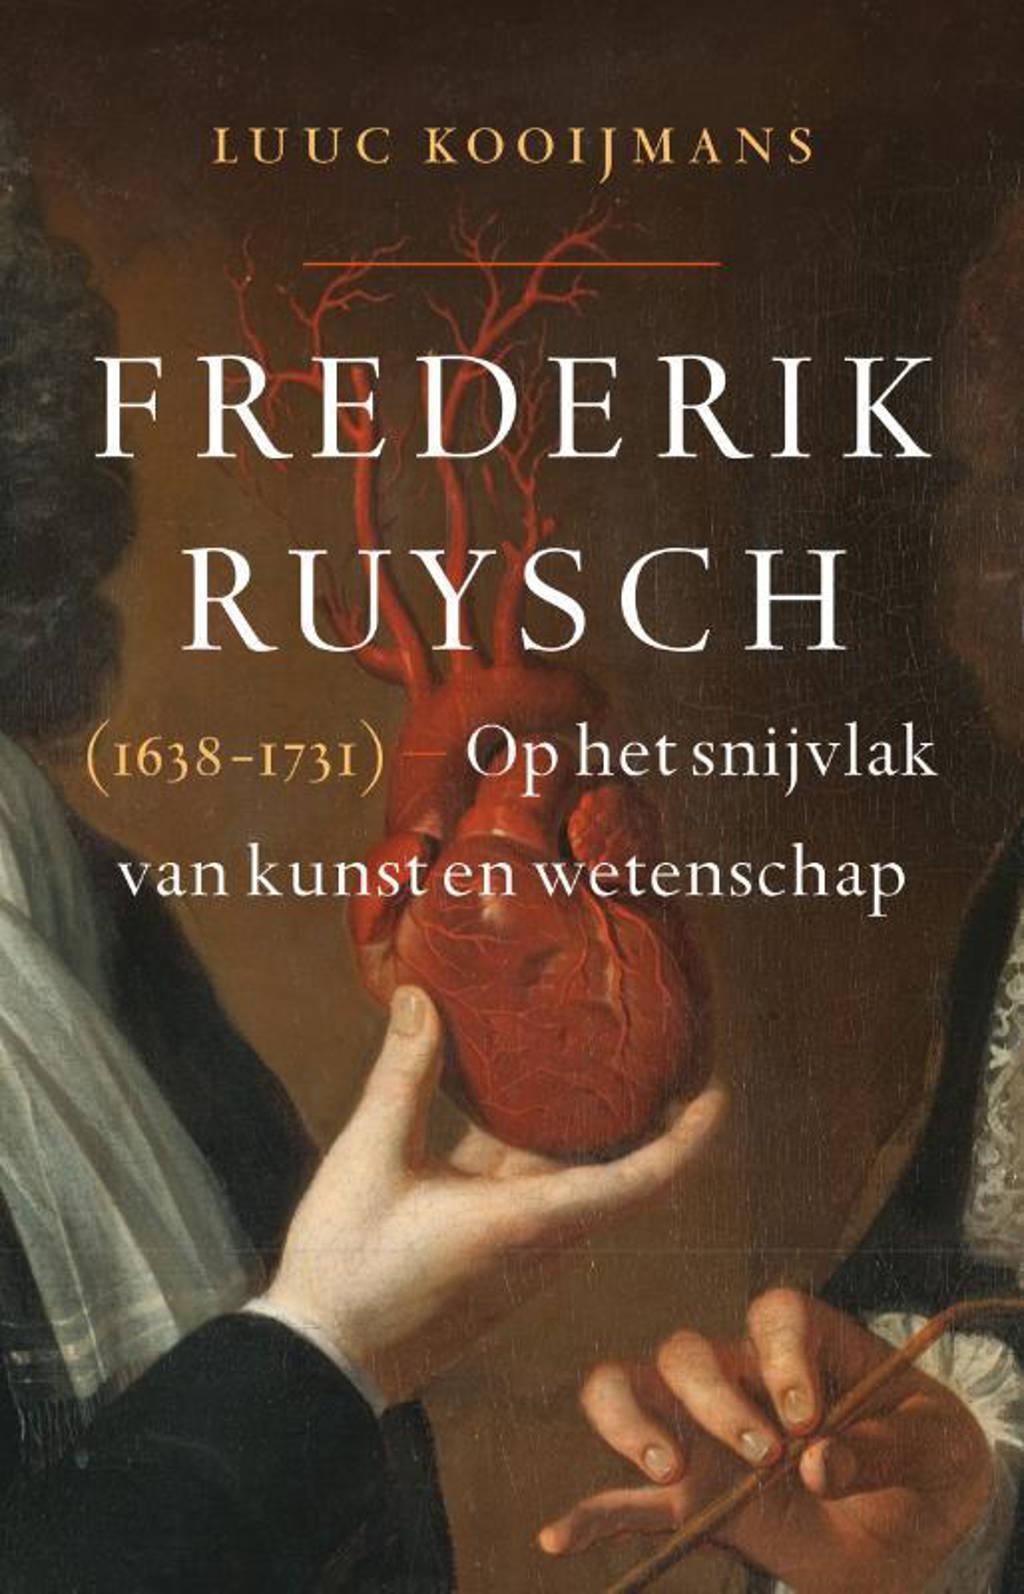 Frederik Ruysch (1638-1731) - Luuc Kooijmans